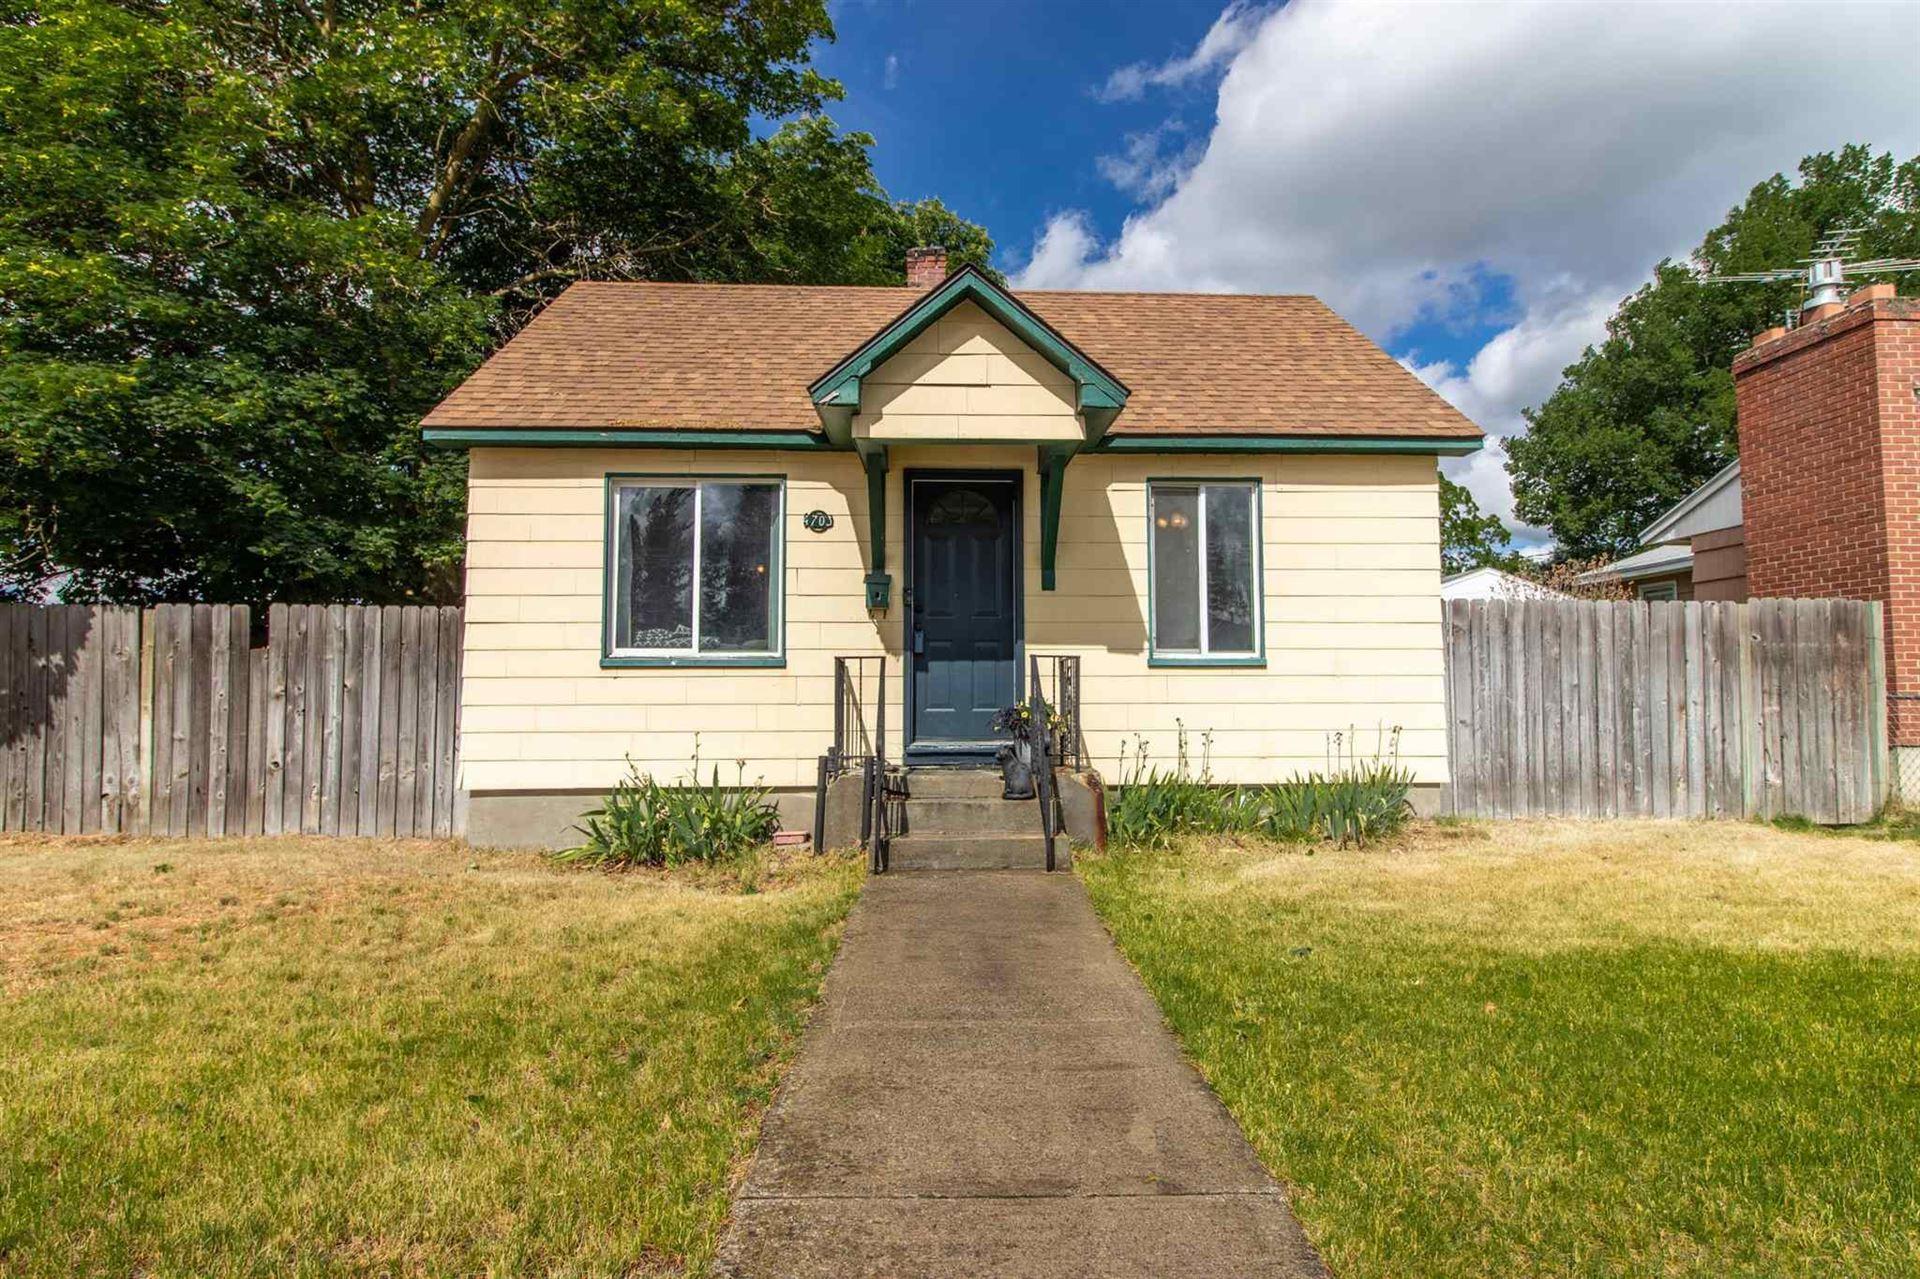 4703 N Walnut St, Spokane, WA 99205 - #: 202116376